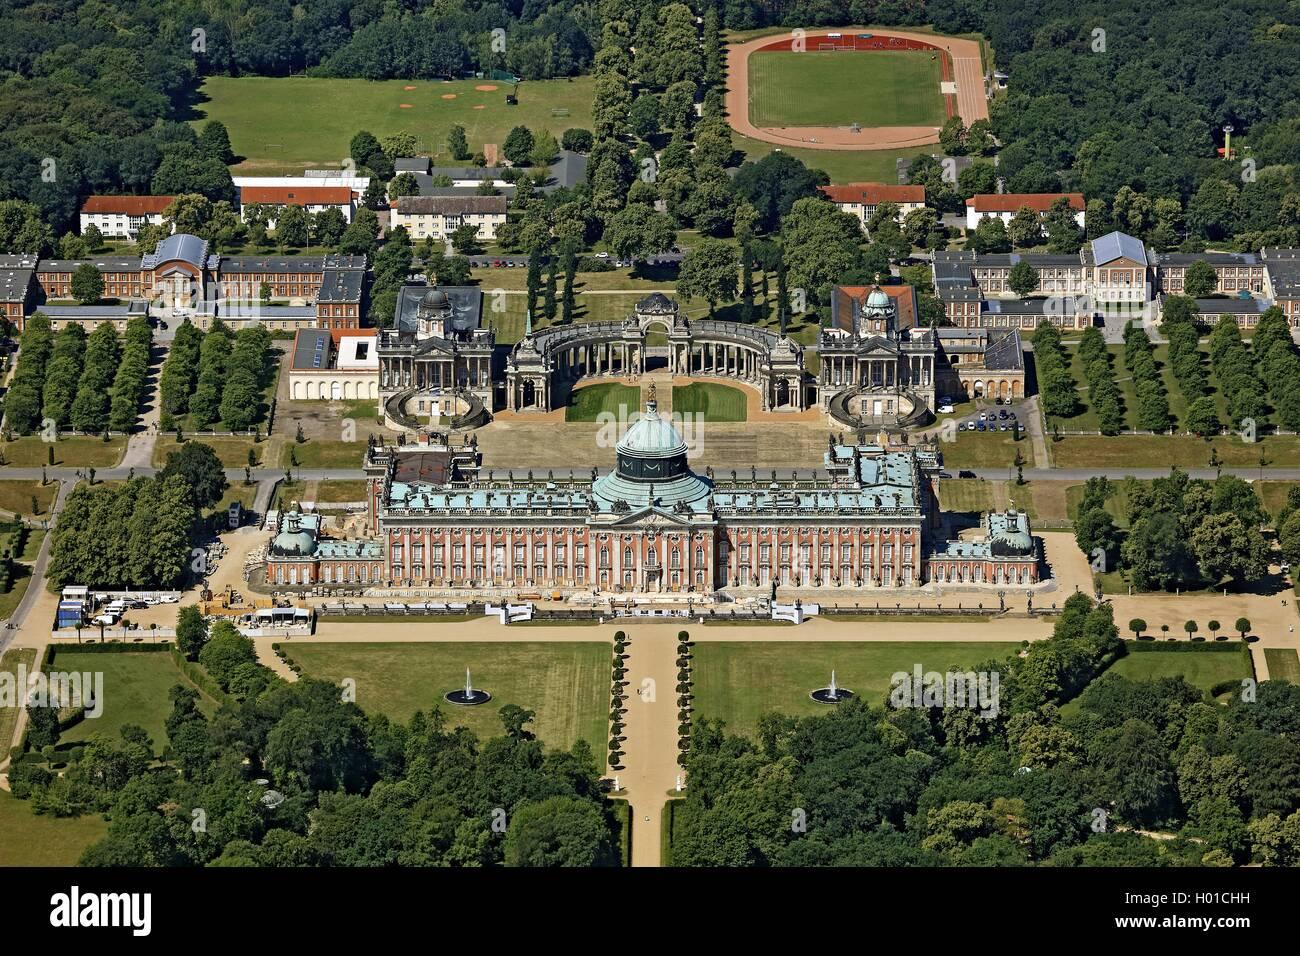 Neues Palais im Park von Schloss Sanssouci, Universitaet Potsdam, 20.06.2016, Luftbild, Deutschland, Brandenburg, Stock Photo